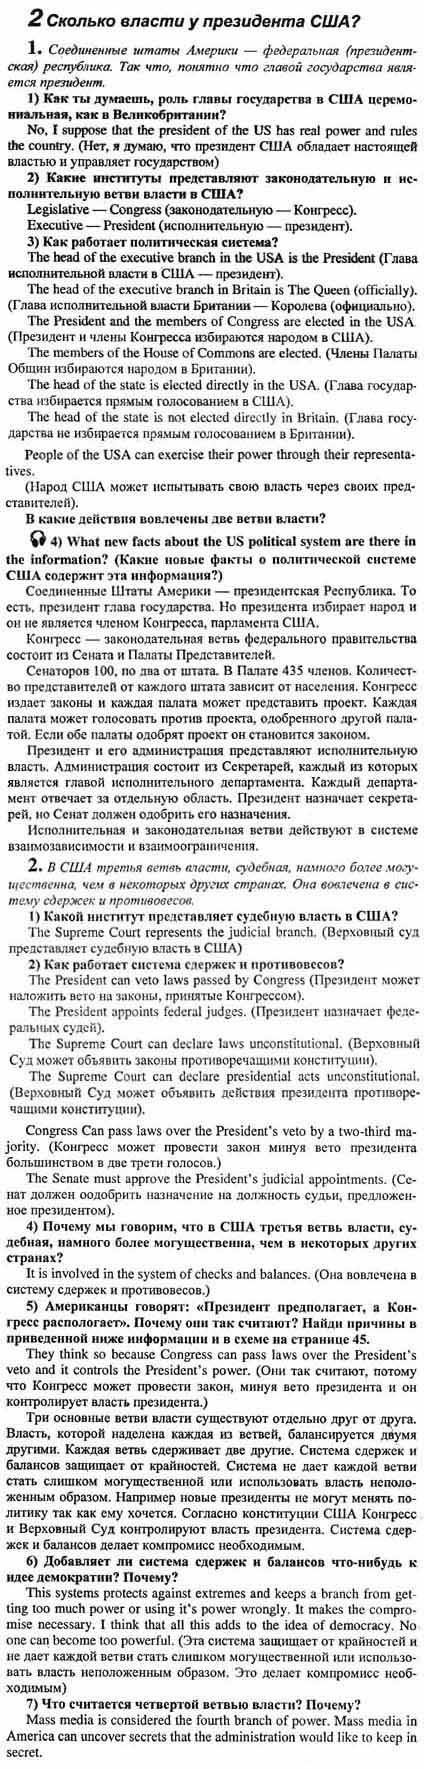 Решебник По Английскому 10-11 Класс Просвещение